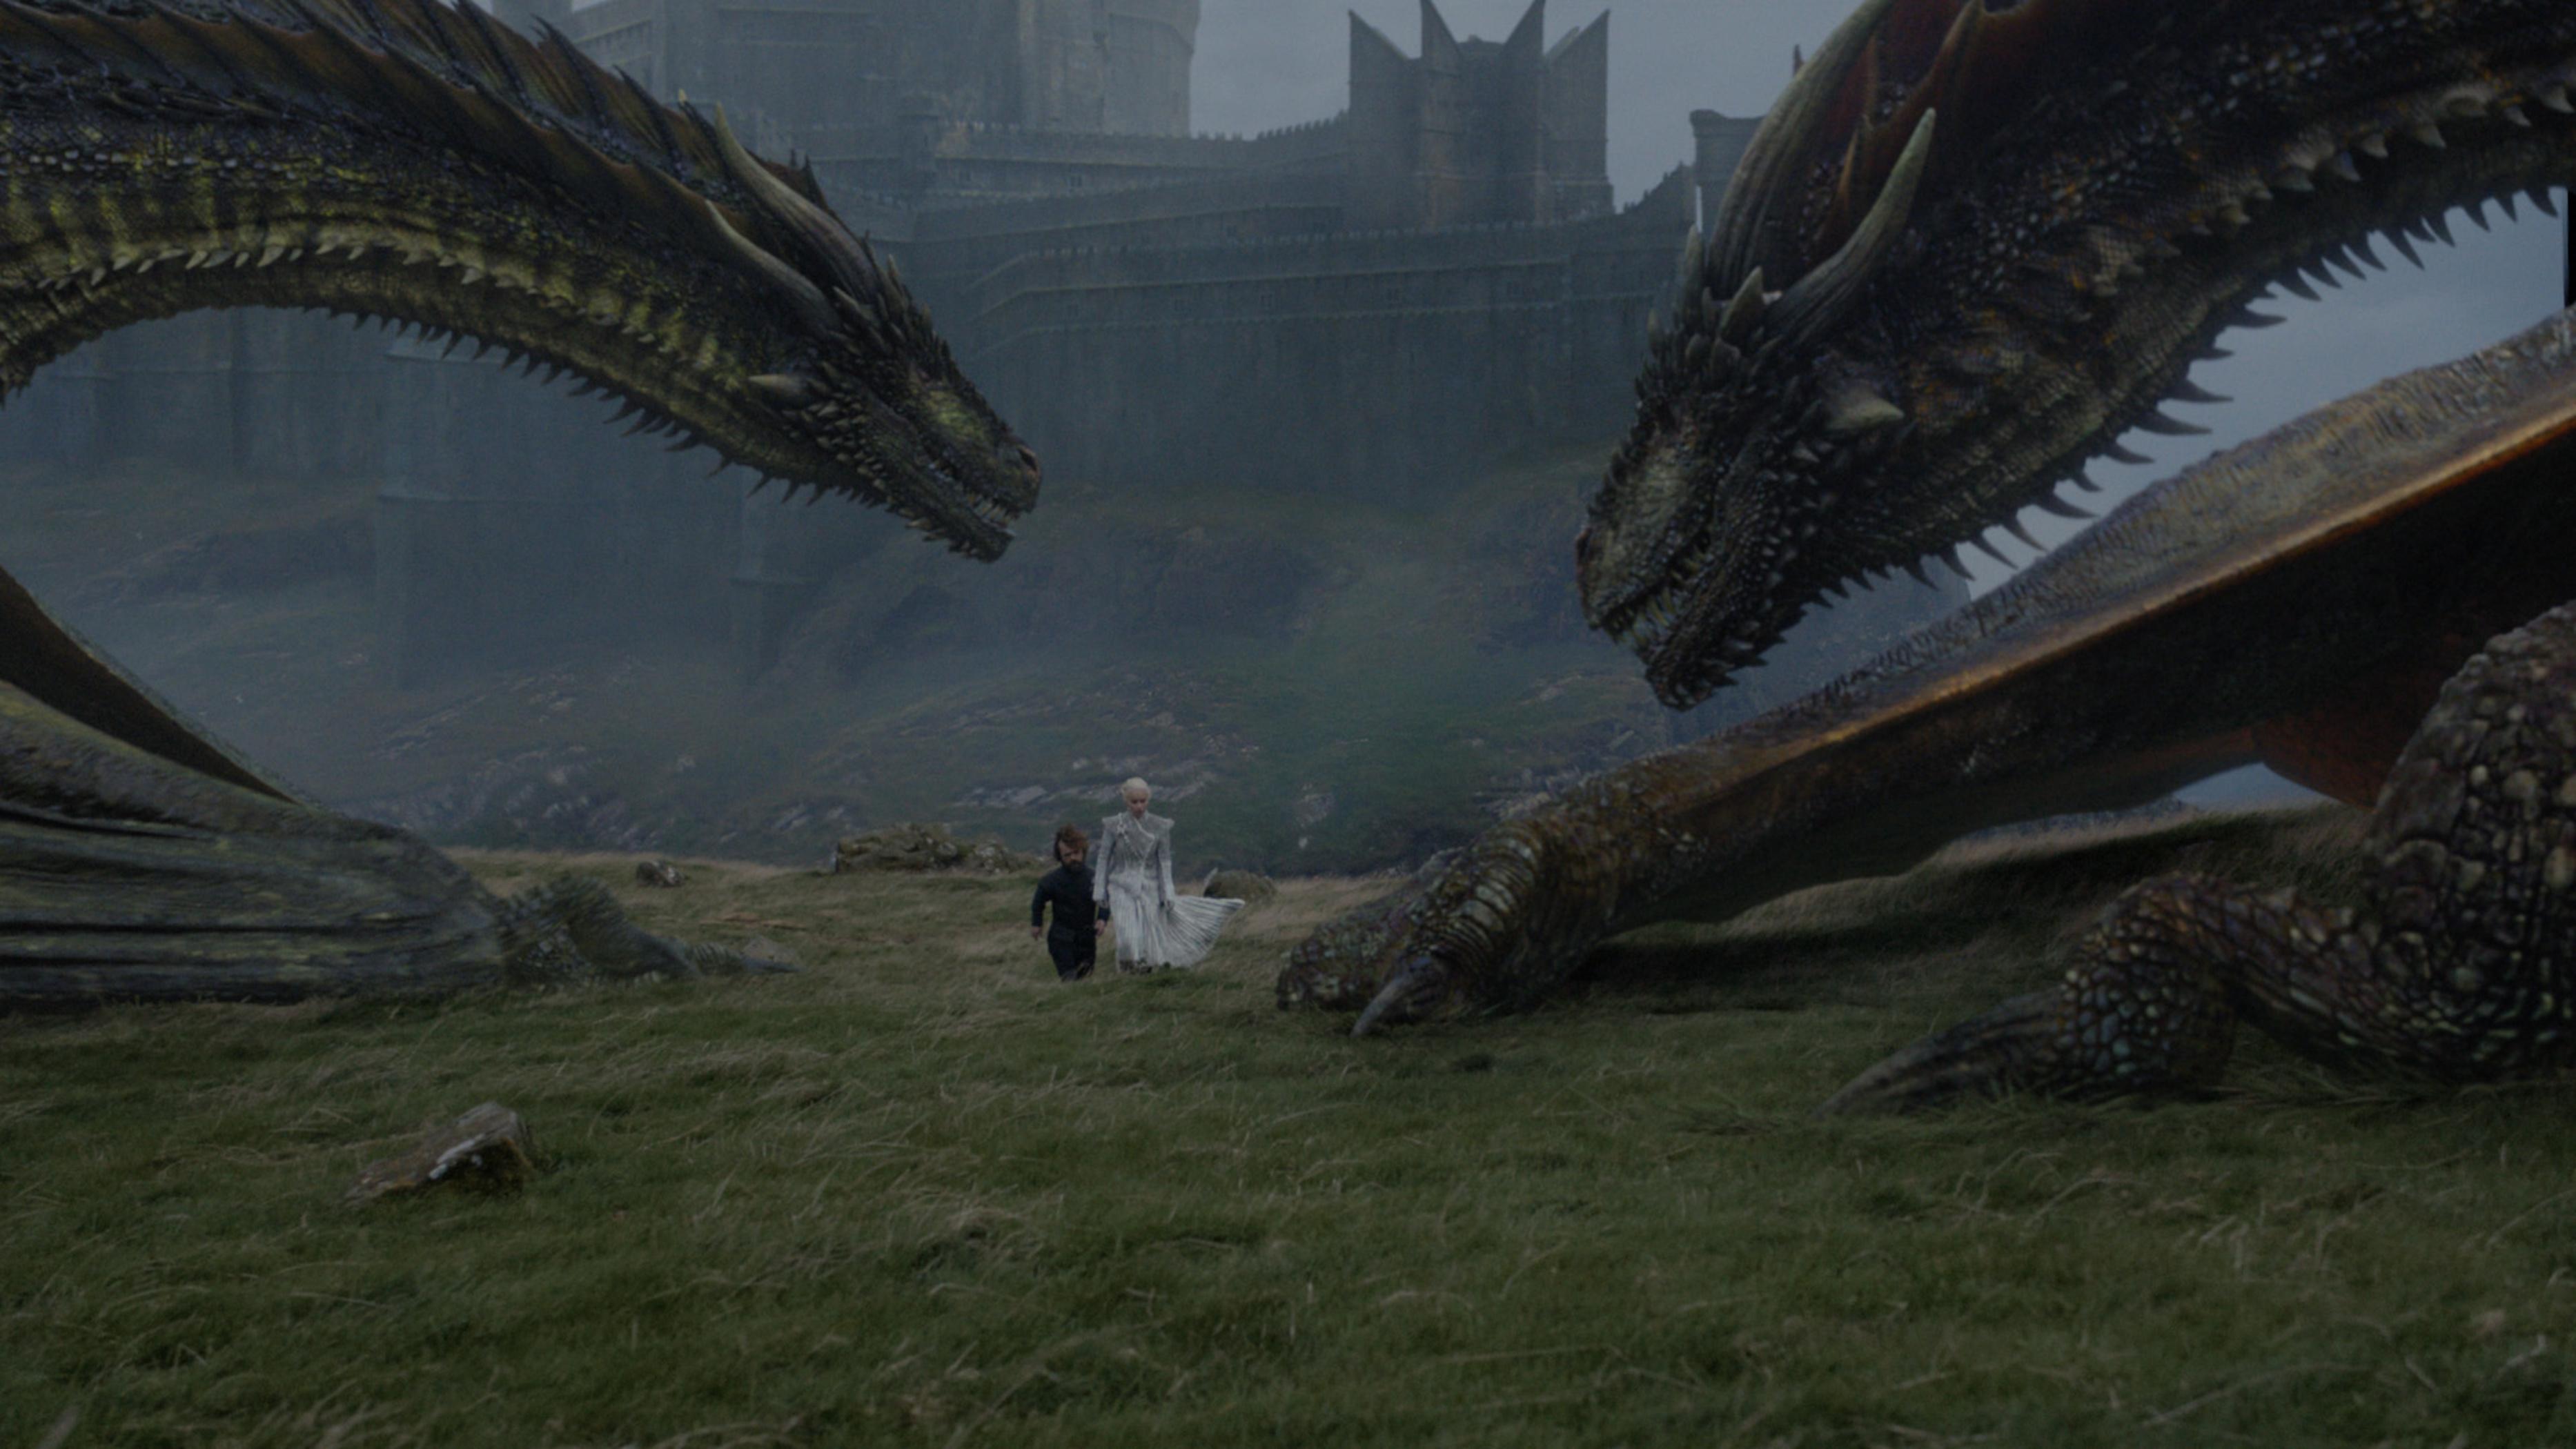 Game of Thrones - 6. afsnit af 7. sæson